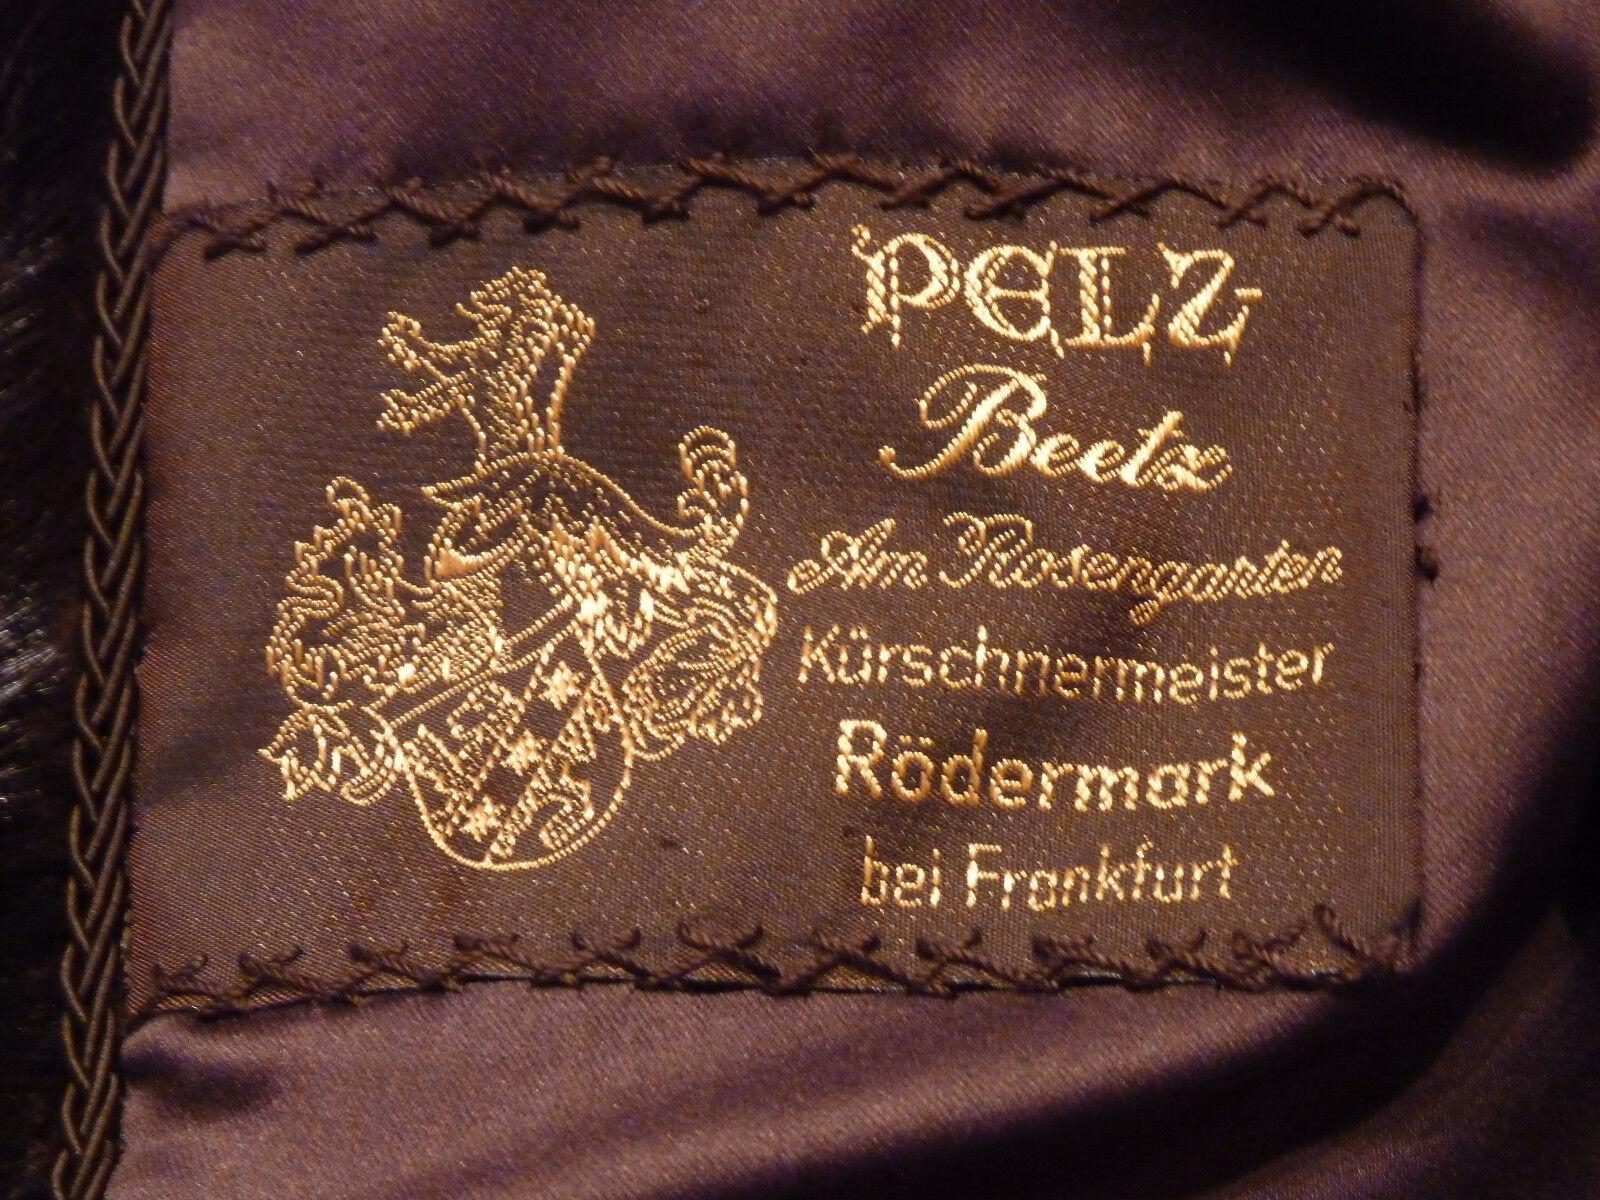 Pelzmantel Gr. L echter Pelz Nerz-Pfoten Mantel mit mit mit Nerzkragen, getragen | Attraktive Mode  | Niedriger Preis und gute Qualität  733ef6